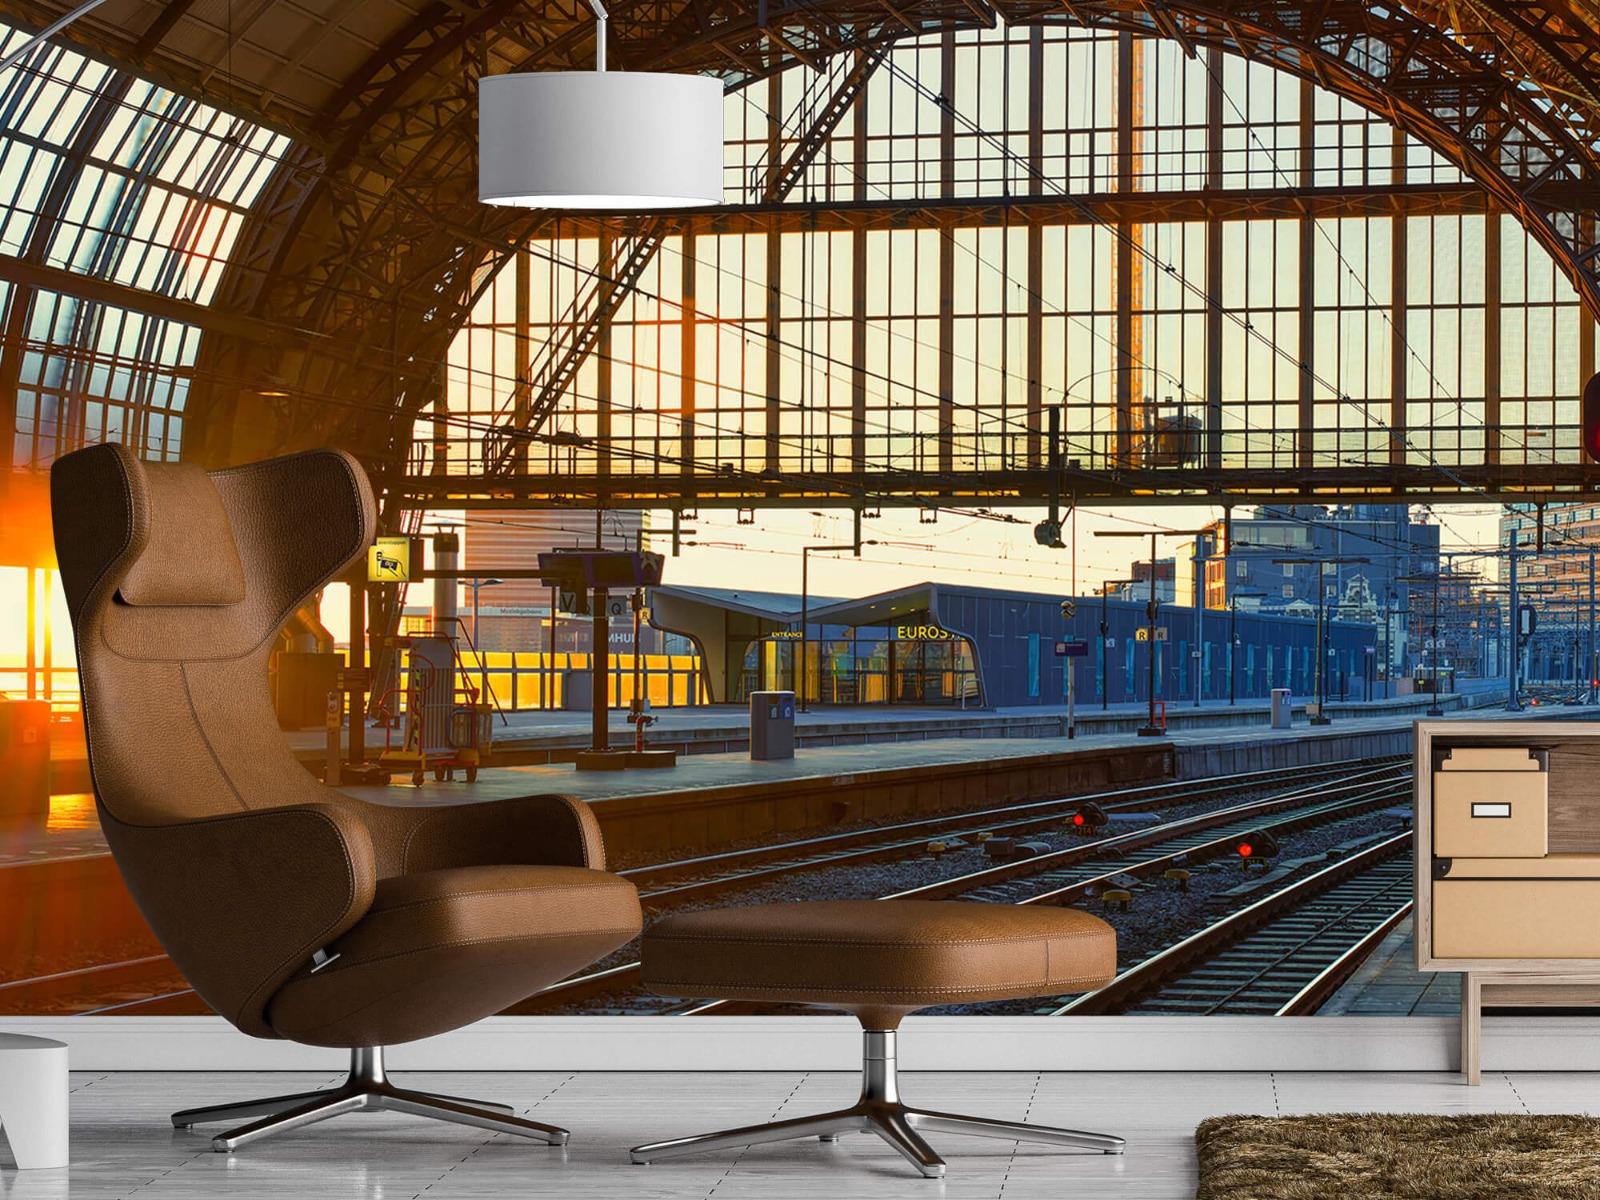 Gebouwen - Zonsopgang op het station - Tienerkamer 19